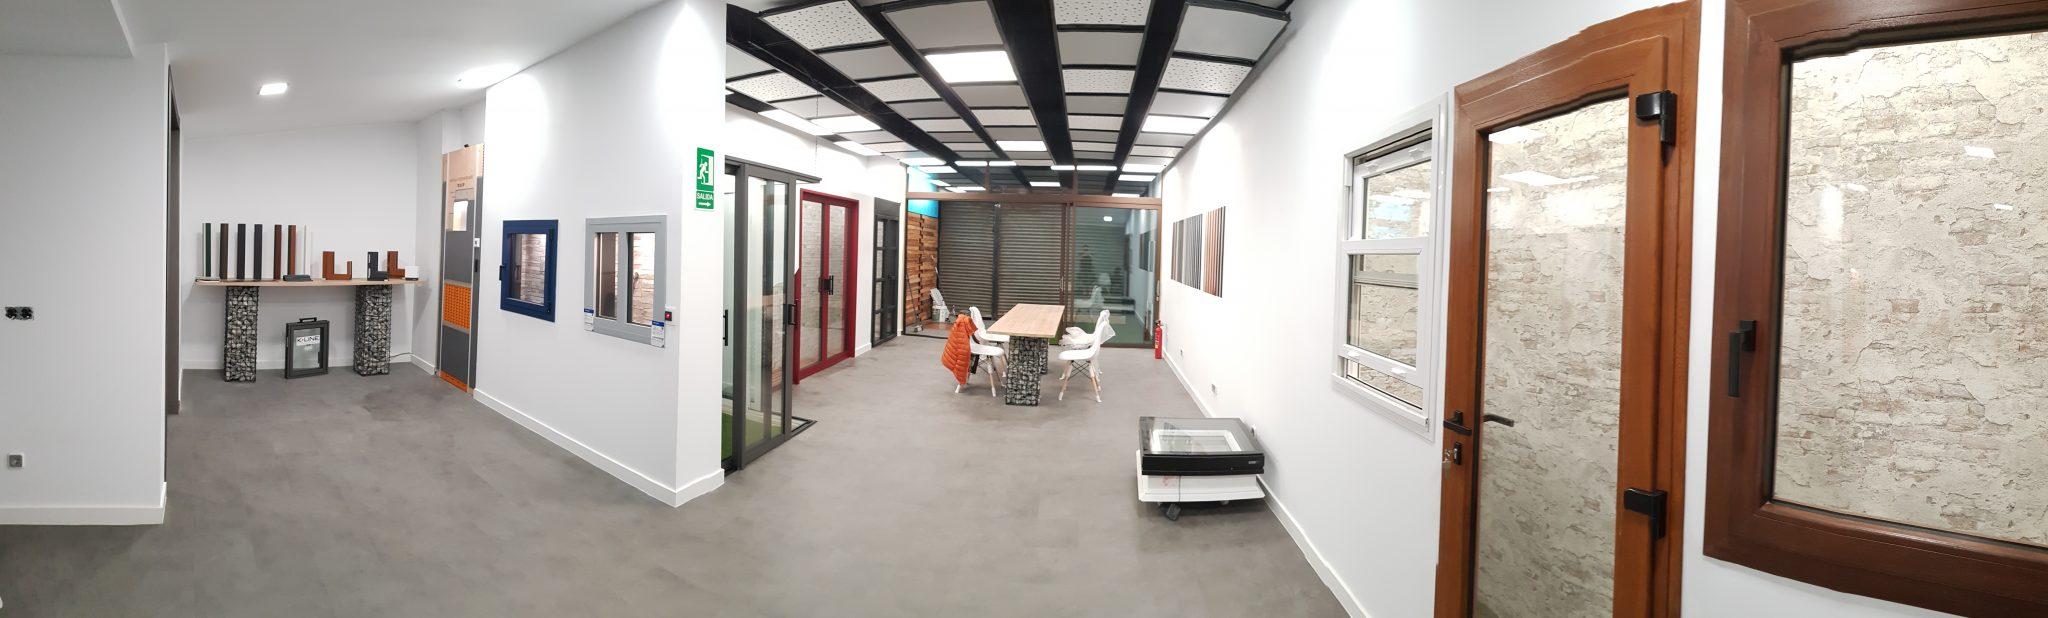 soluciones ventanas PVC